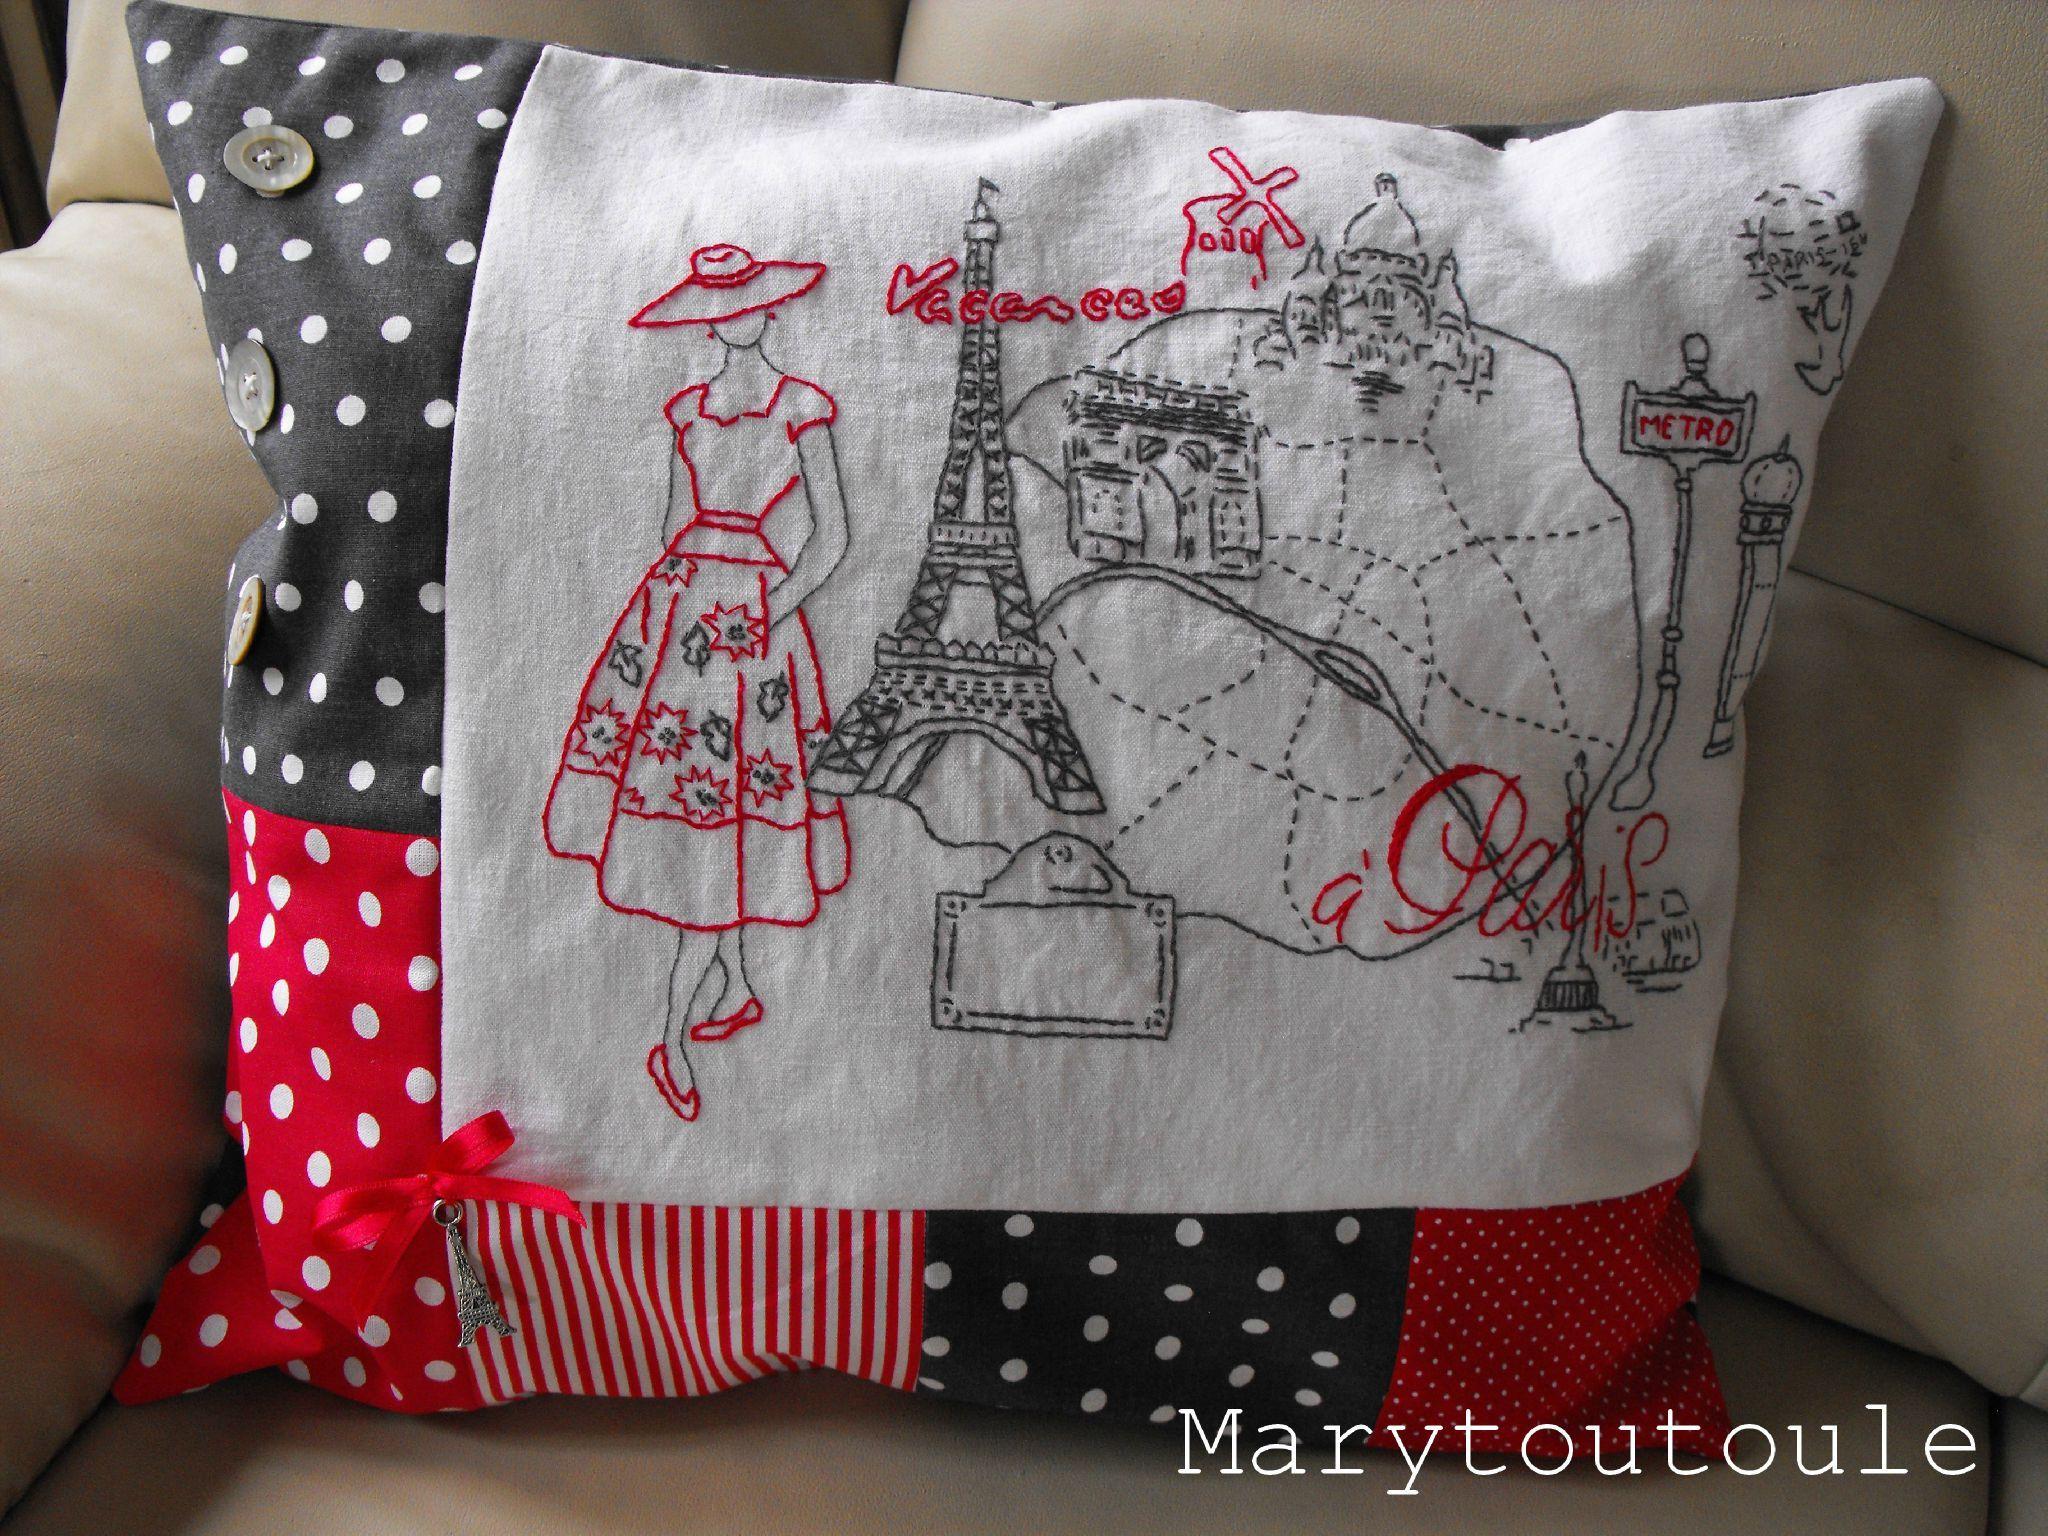 vacances paris marytoutoule stitch it pinterest broderie couture et housse de coussin. Black Bedroom Furniture Sets. Home Design Ideas